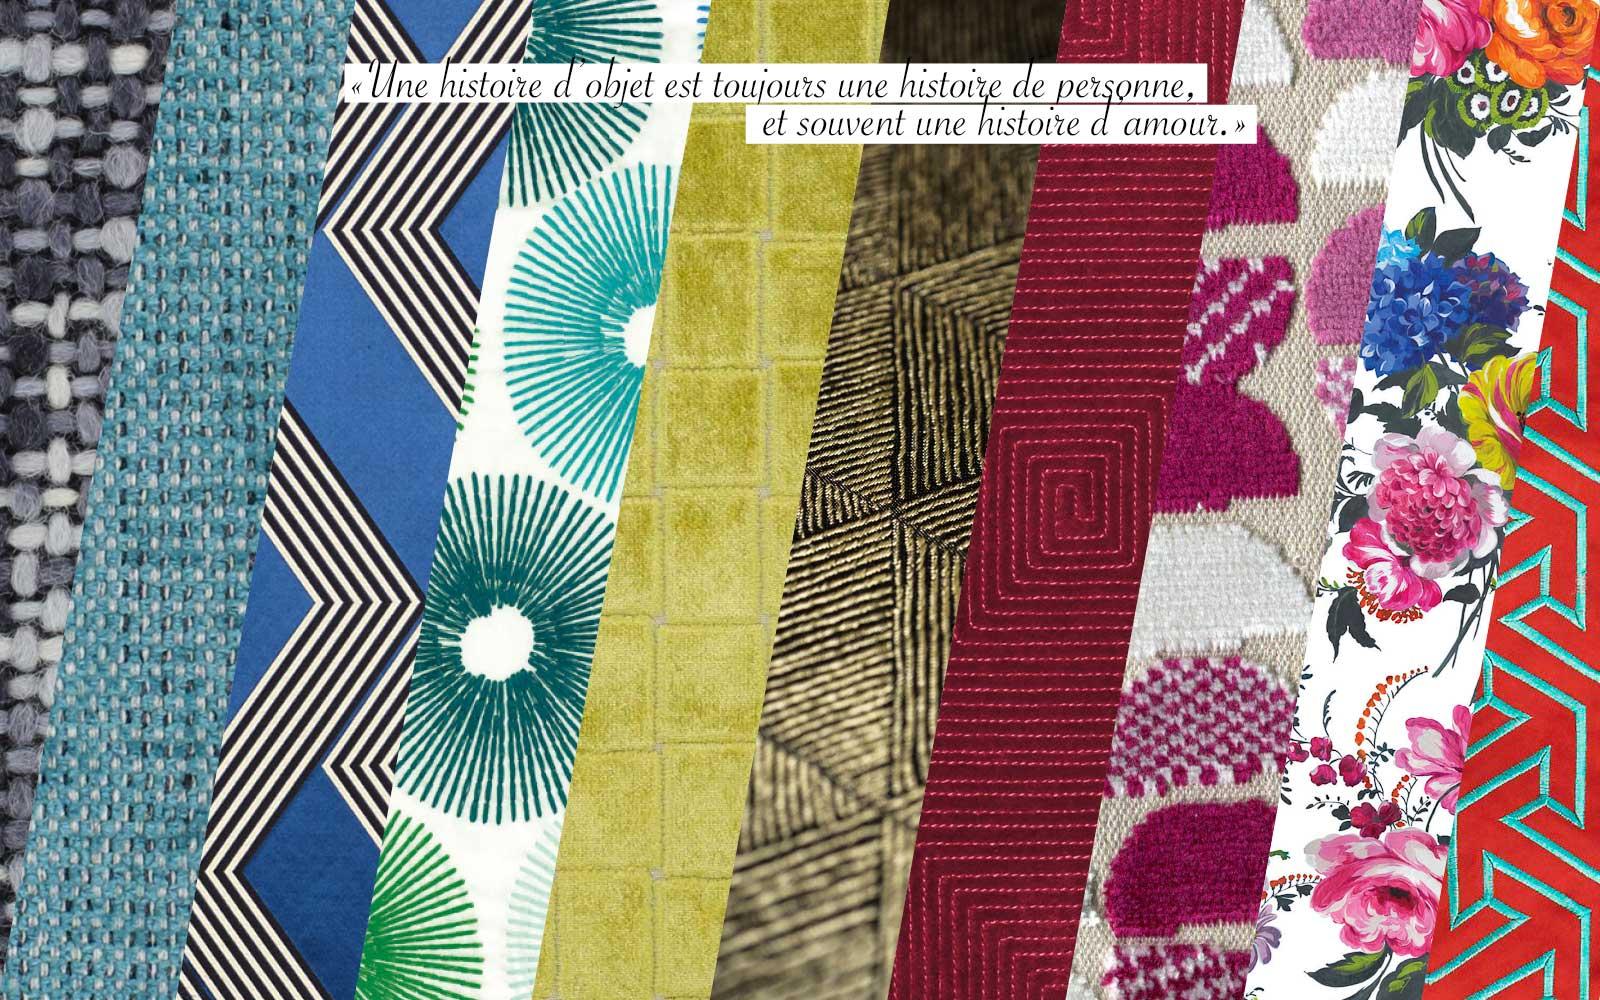 atelier velvet artisan tapissier paris 10e. Black Bedroom Furniture Sets. Home Design Ideas